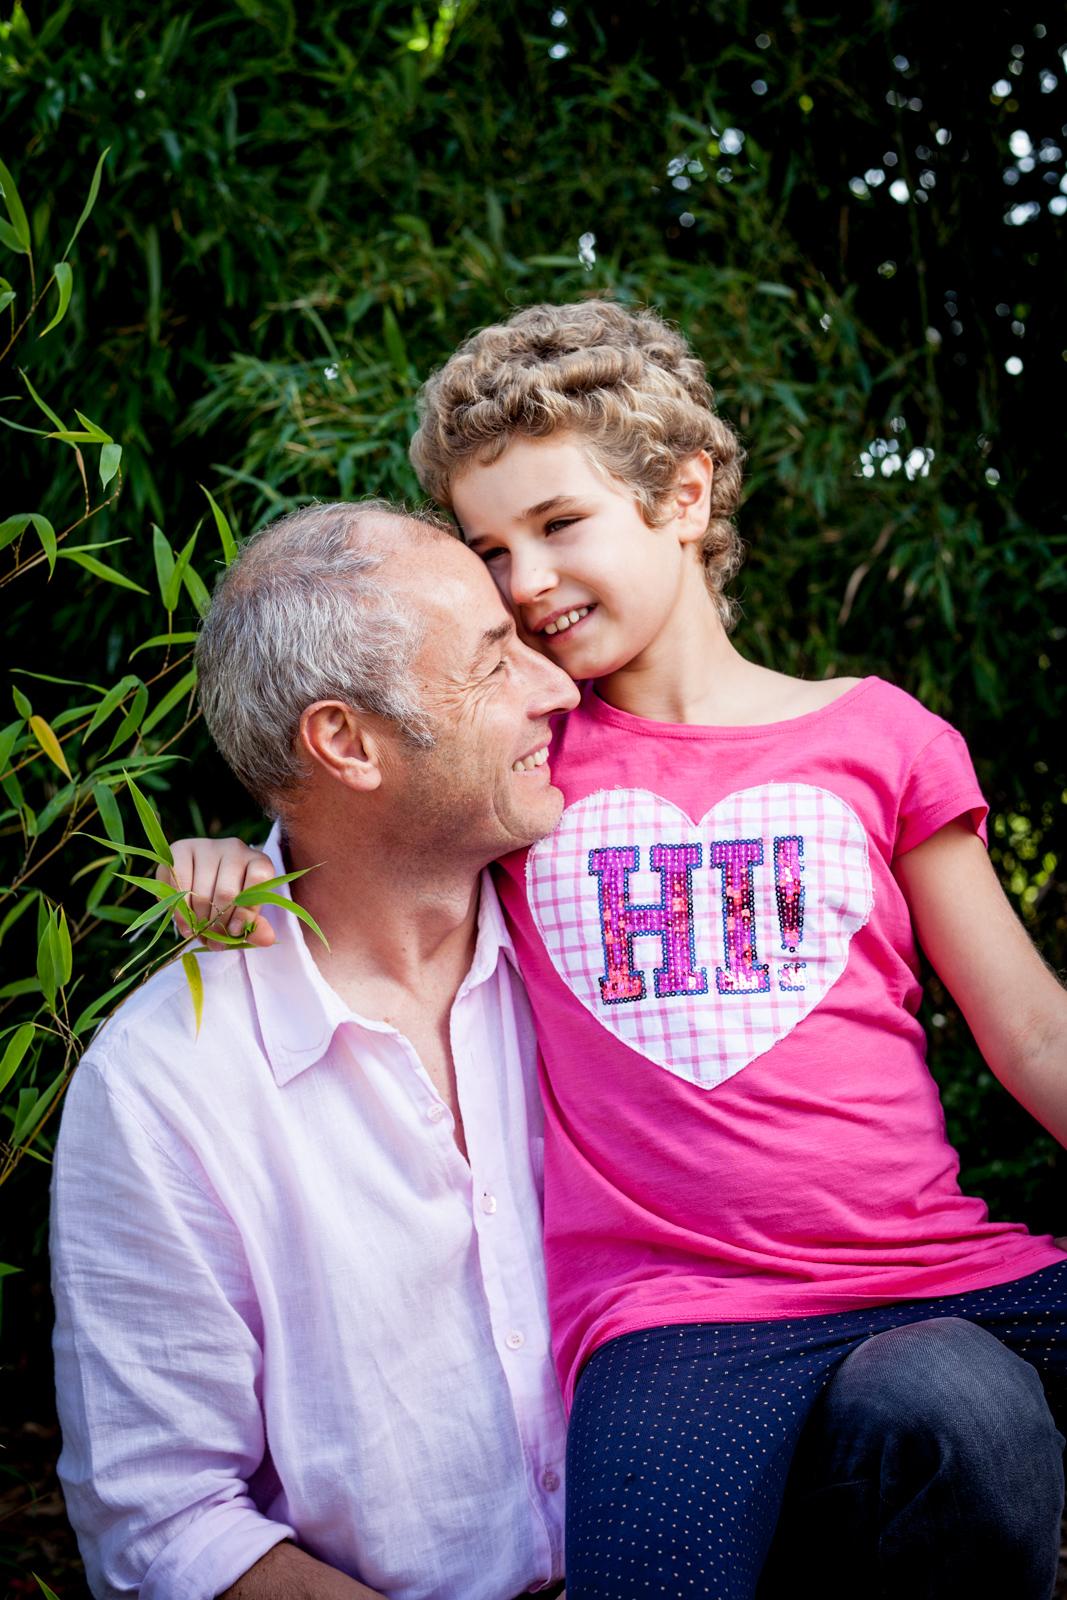 Florent Navez est journaliste à France 3 Nord. Il y a deux ans, sa fille Calliste est tombée gravement malade. Les collègues de Florent se sont cotisés pour lui faire don de leurs RTT, afin qu'il la soutienne lors des chimio-thérapies. Aujourd'hui elle est en rémission, et ils sont heureux. Publié dans le magazine La Vie